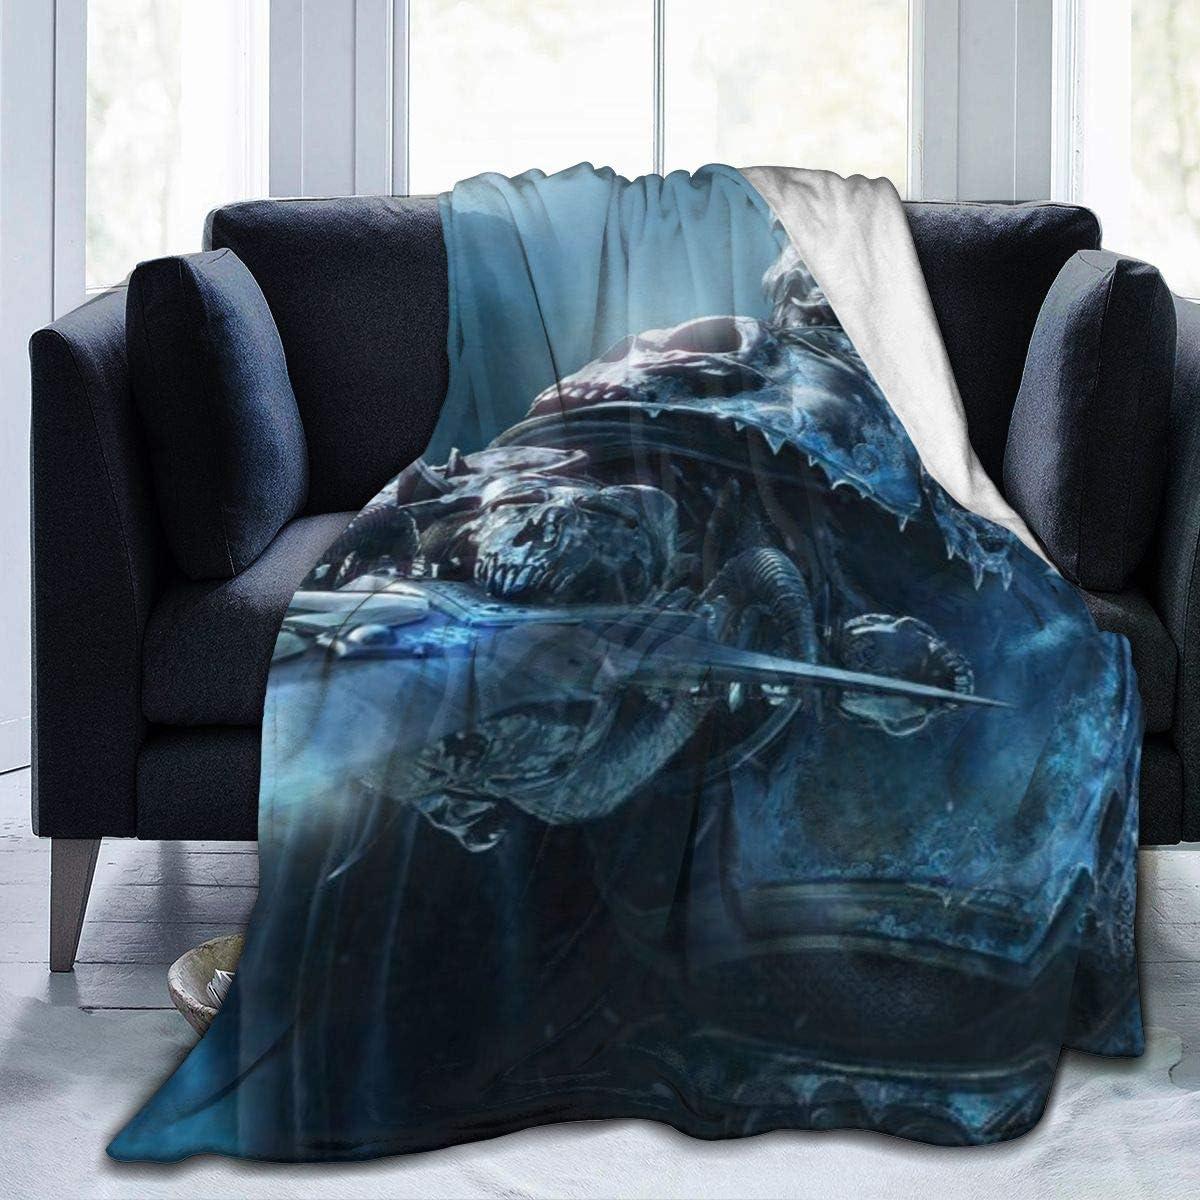 8. World of Warcraft Throw Blanket